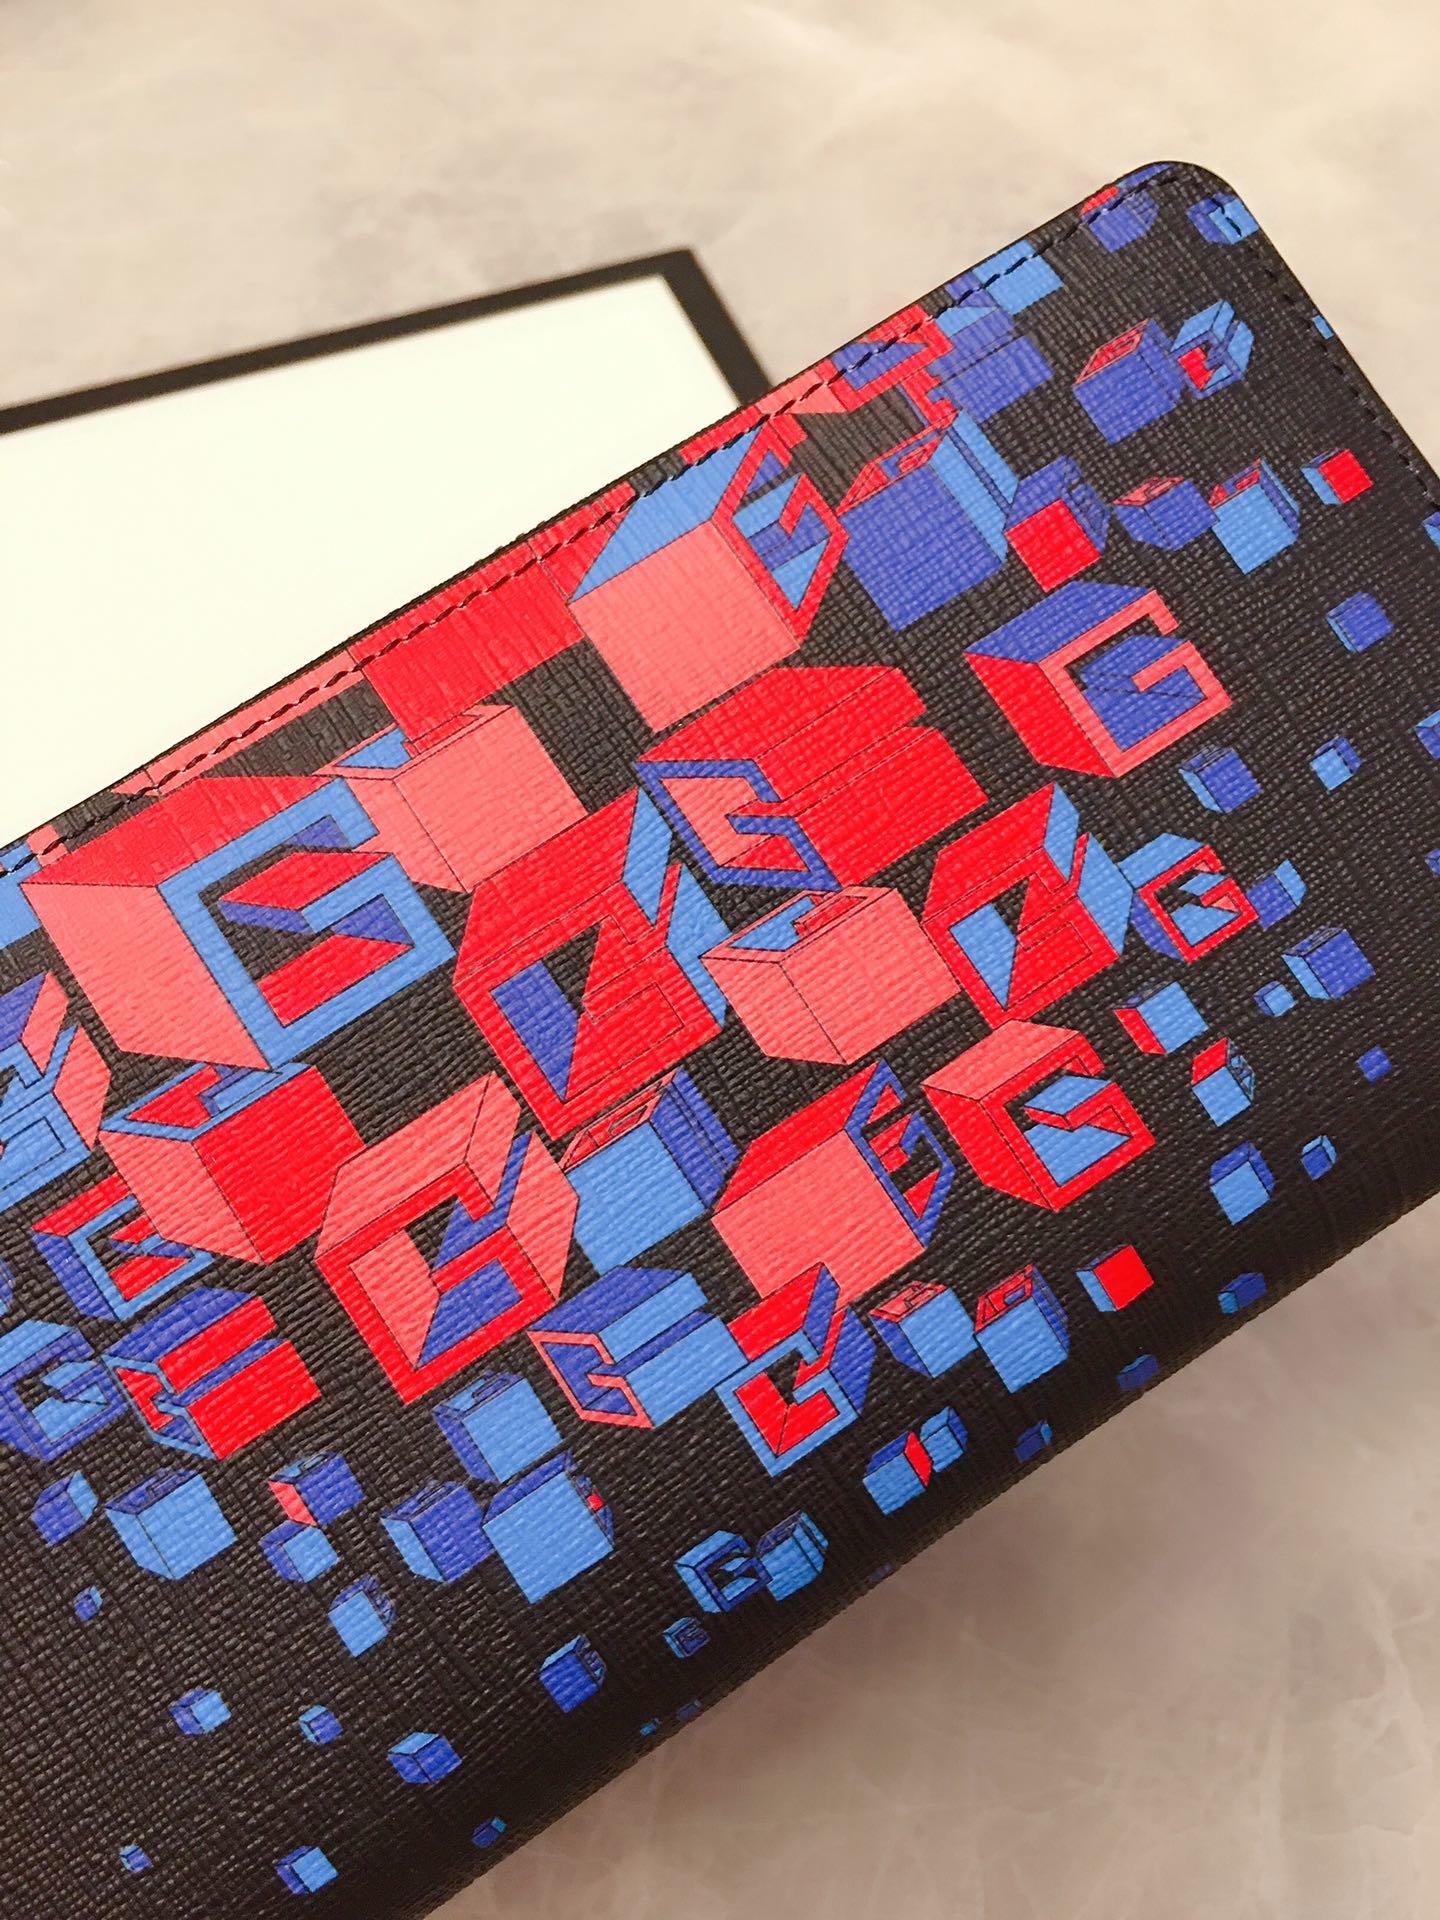 Gucci官网同步更新炫酷3D 时尚型男钱包 型号:628467(图4)